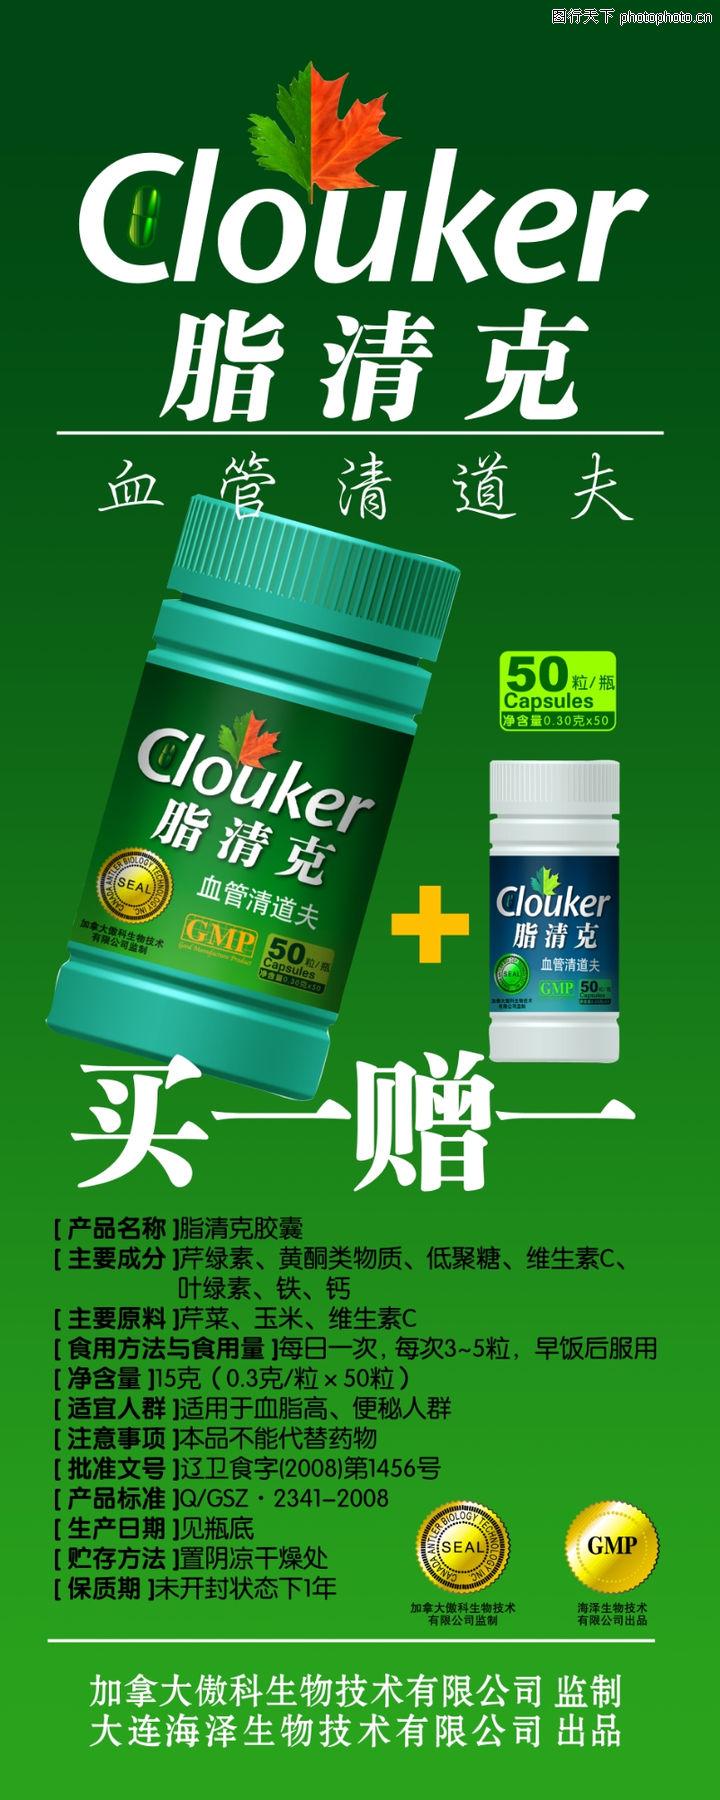 pop海报模板六,商业广告模板,脂清克 血管清道夫 赠品,血管清脂药物